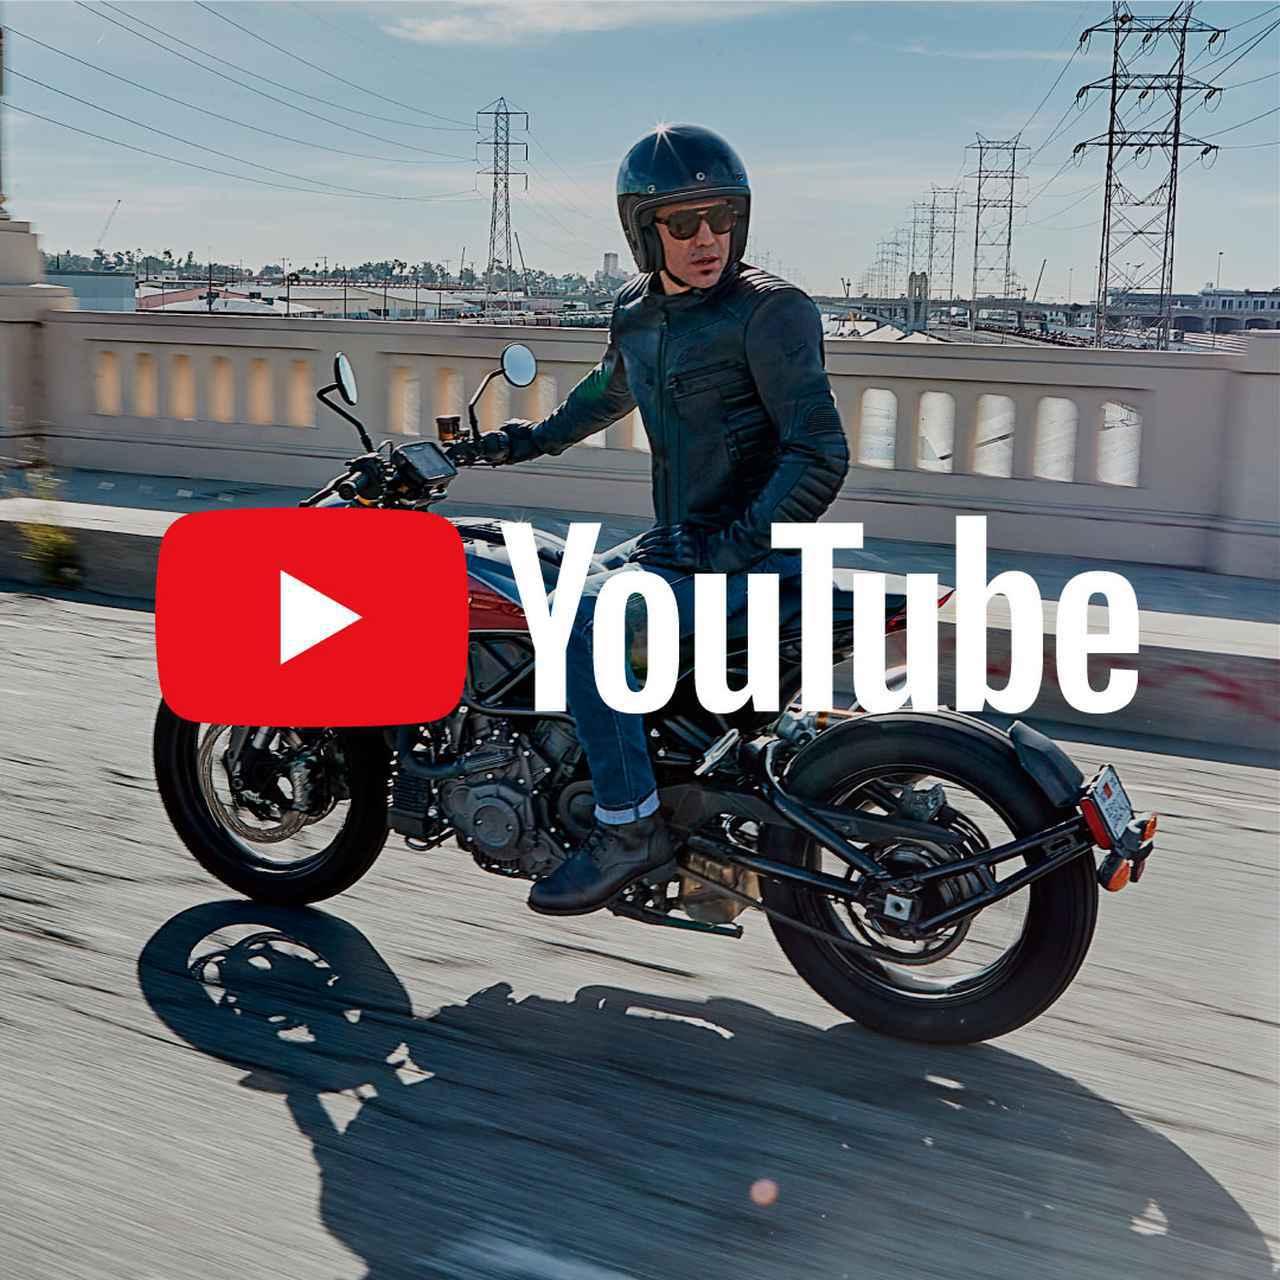 画像: 動画で分かるアルパインスターズの人気製品 日本向けYouTubeチャンネルが開設された! - webオートバイ